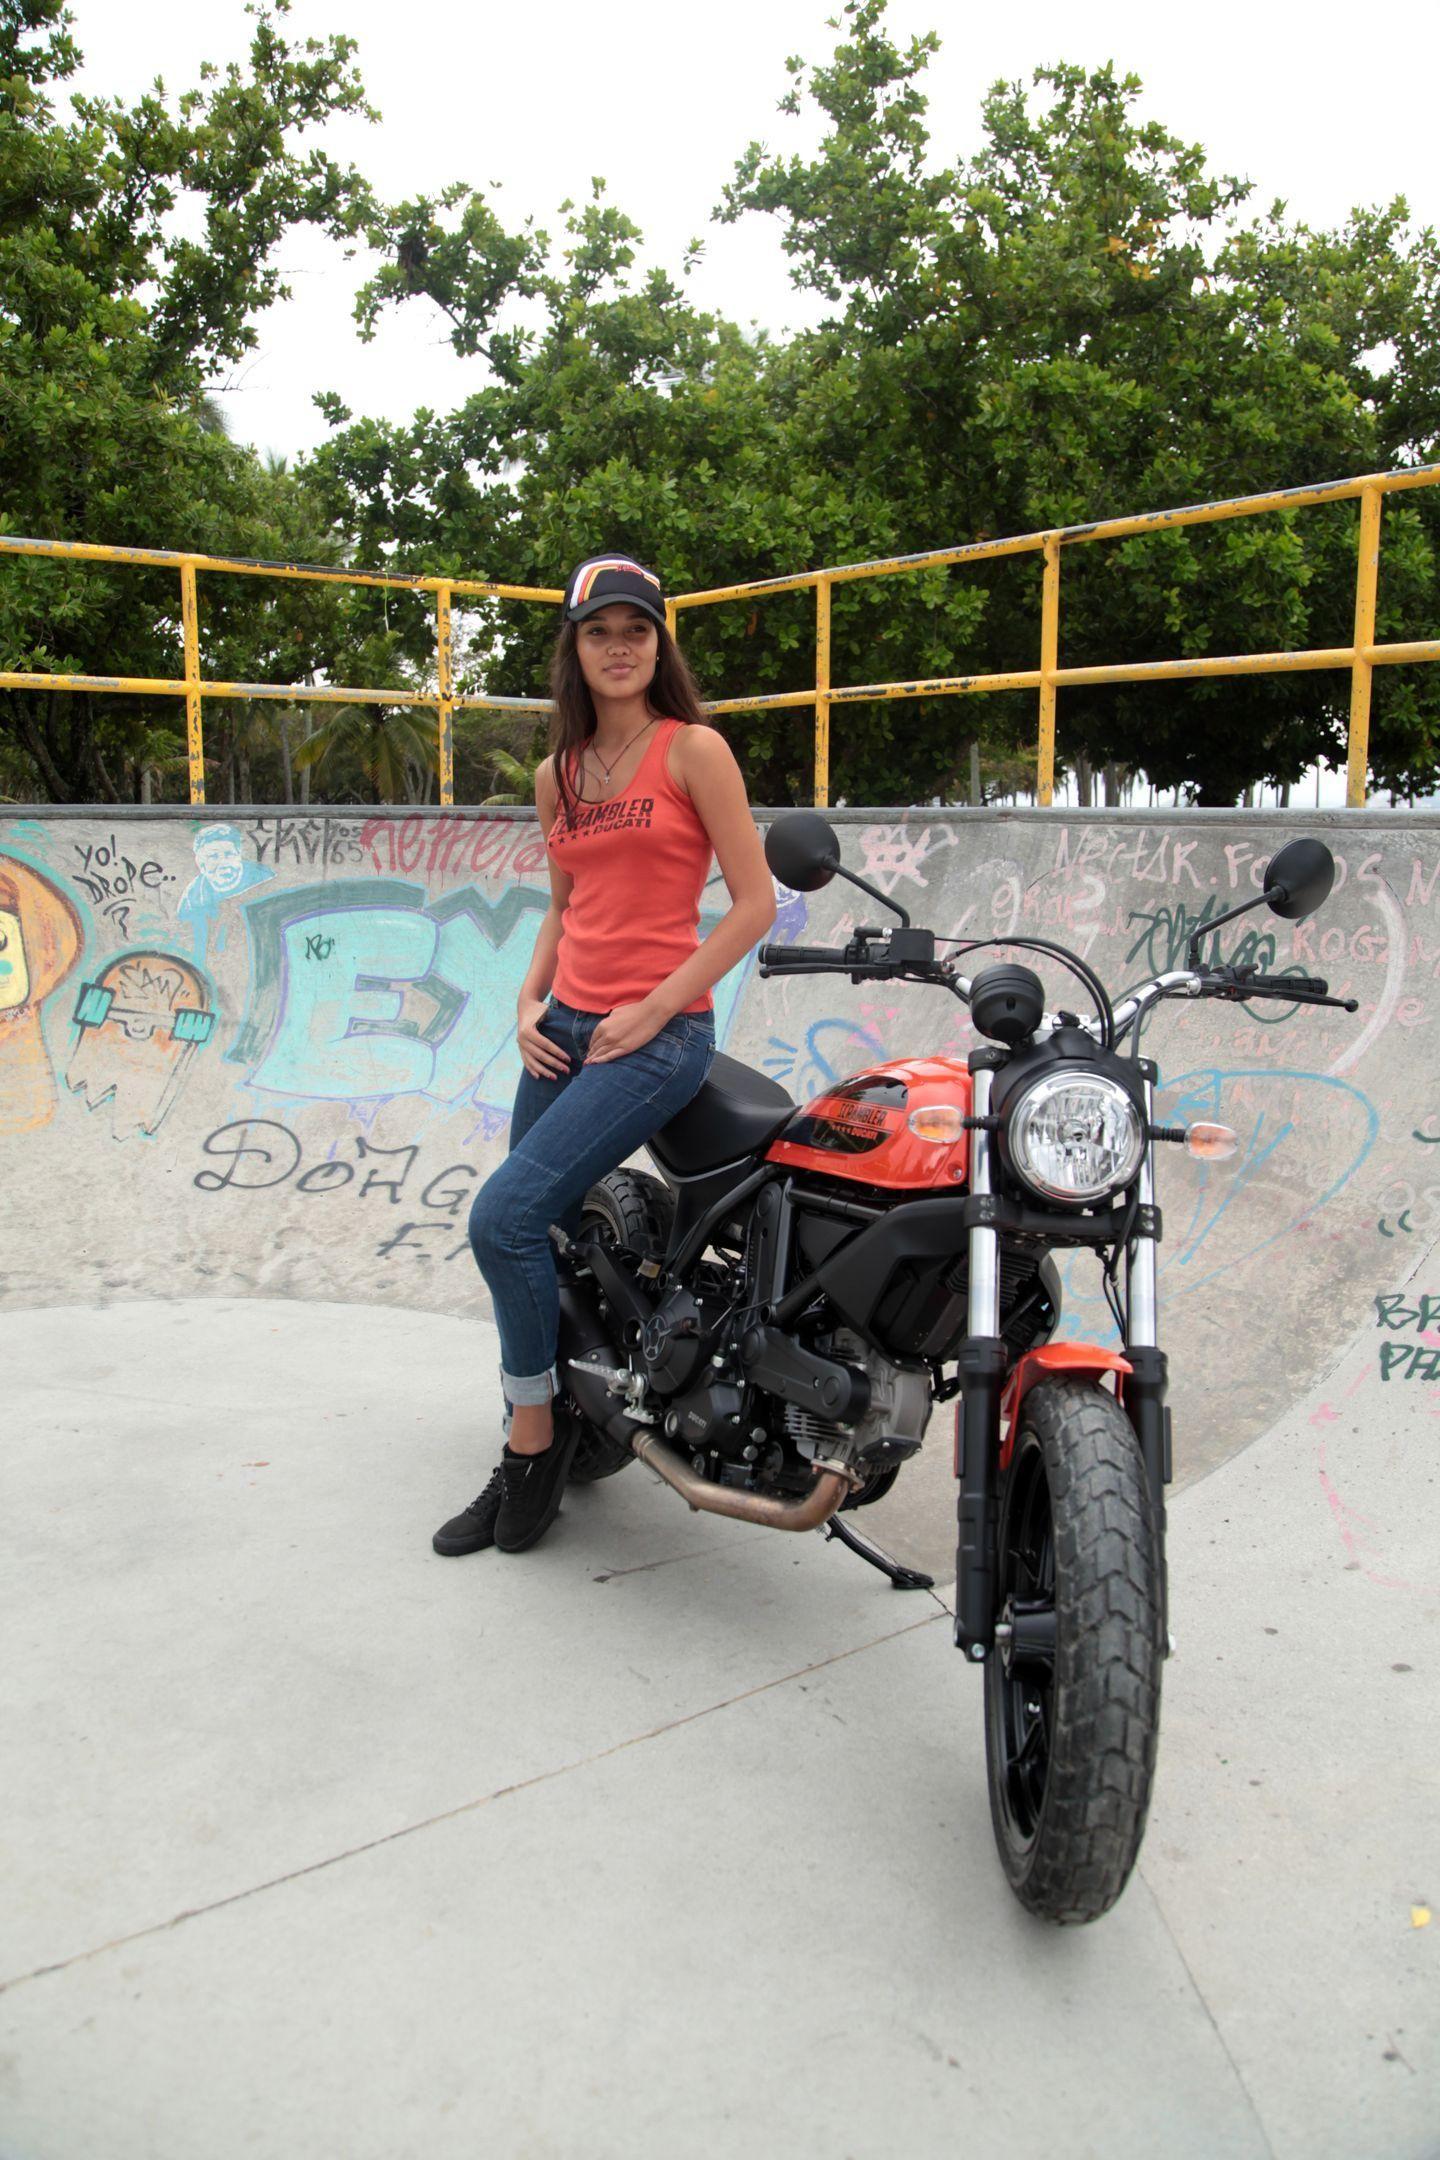 Ducati Scrambler Sixty2 4 Woman Ride Too Sucker Ducati Scrambler